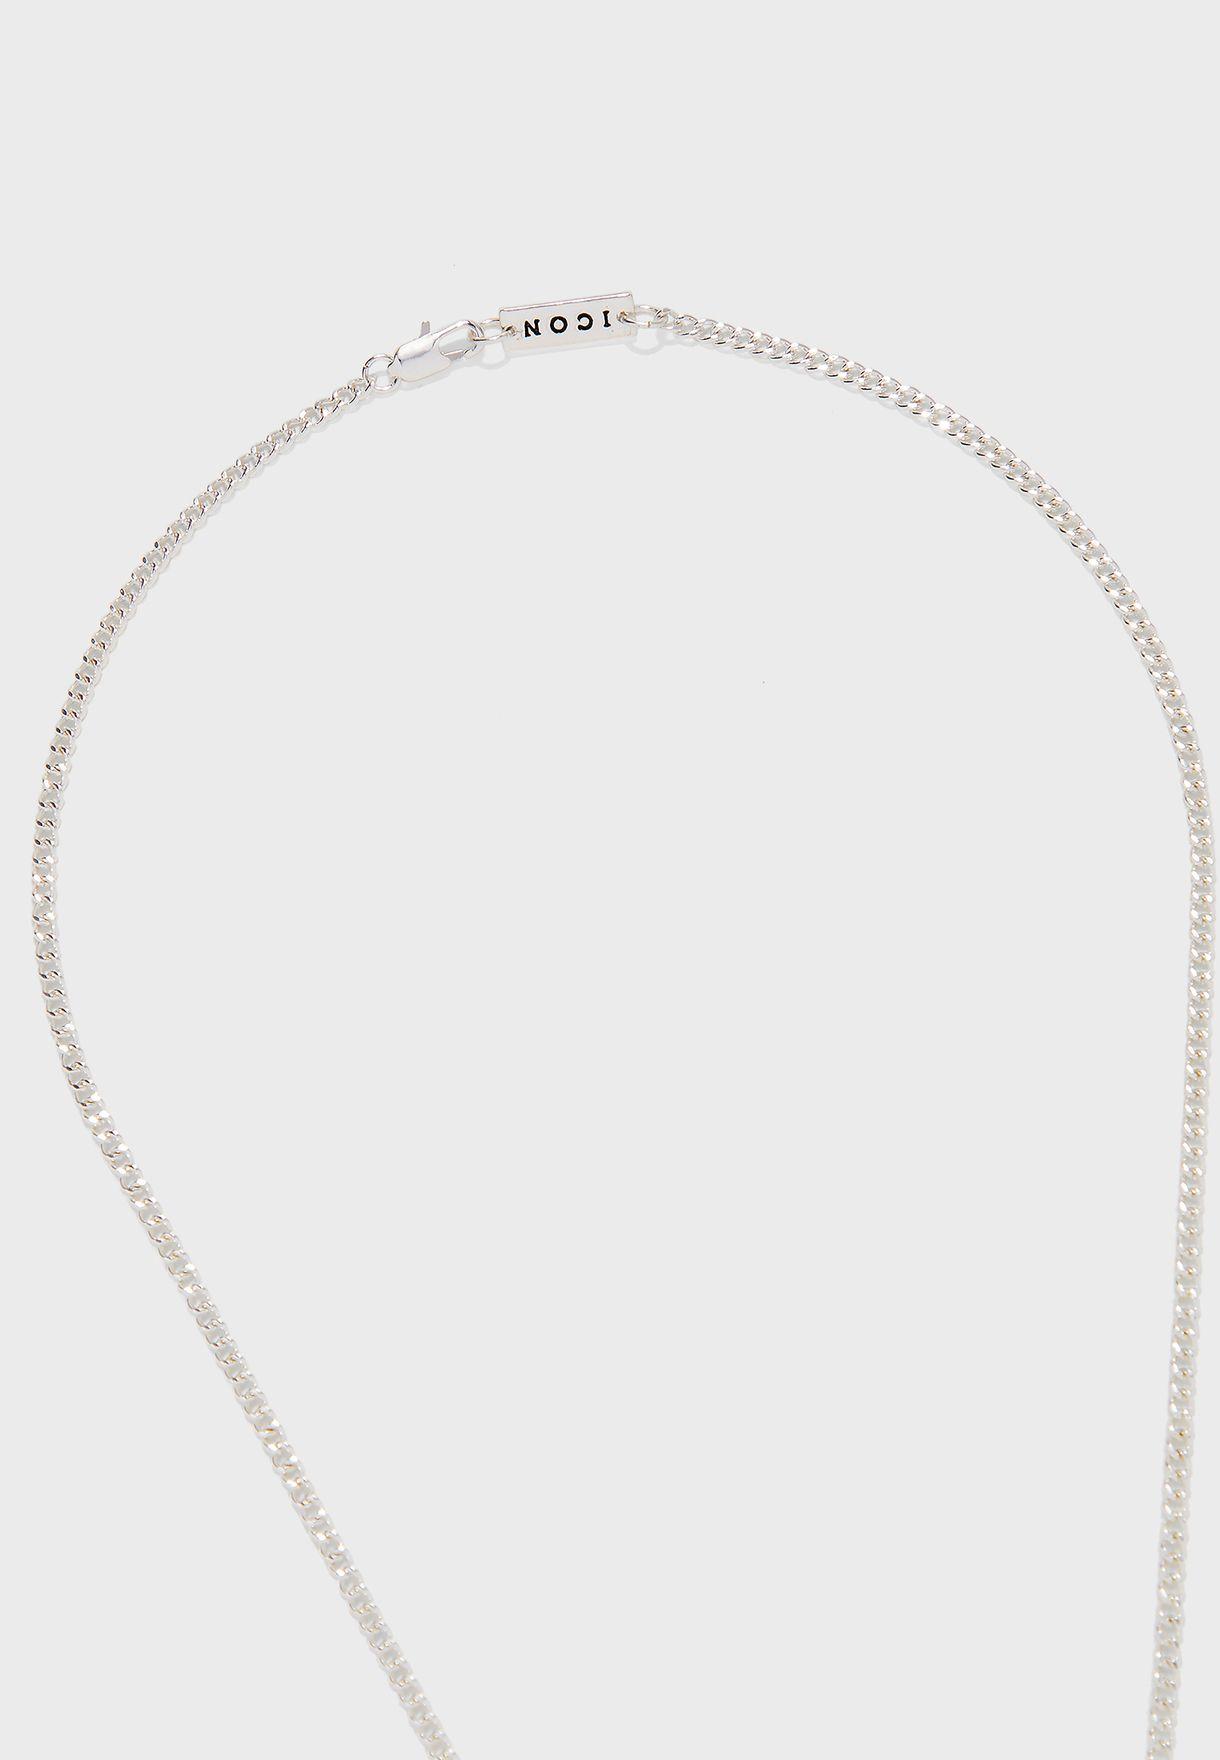 Labradorite Stone Tag Pendant Chain Necklace